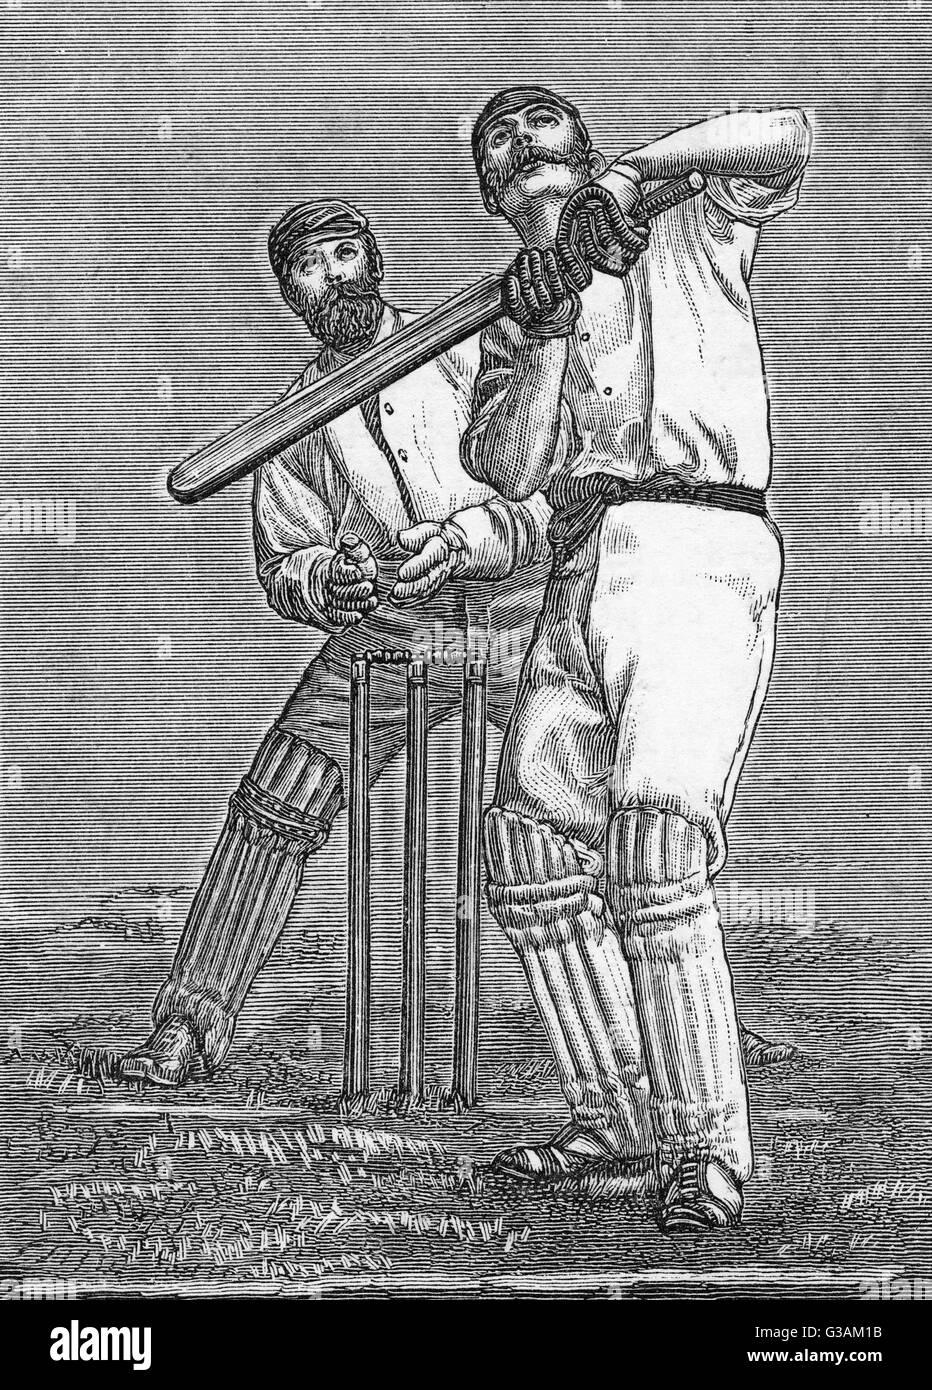 Un batteur pokey face à une chute de haut à pas complet. Date: 1888 Banque D'Images